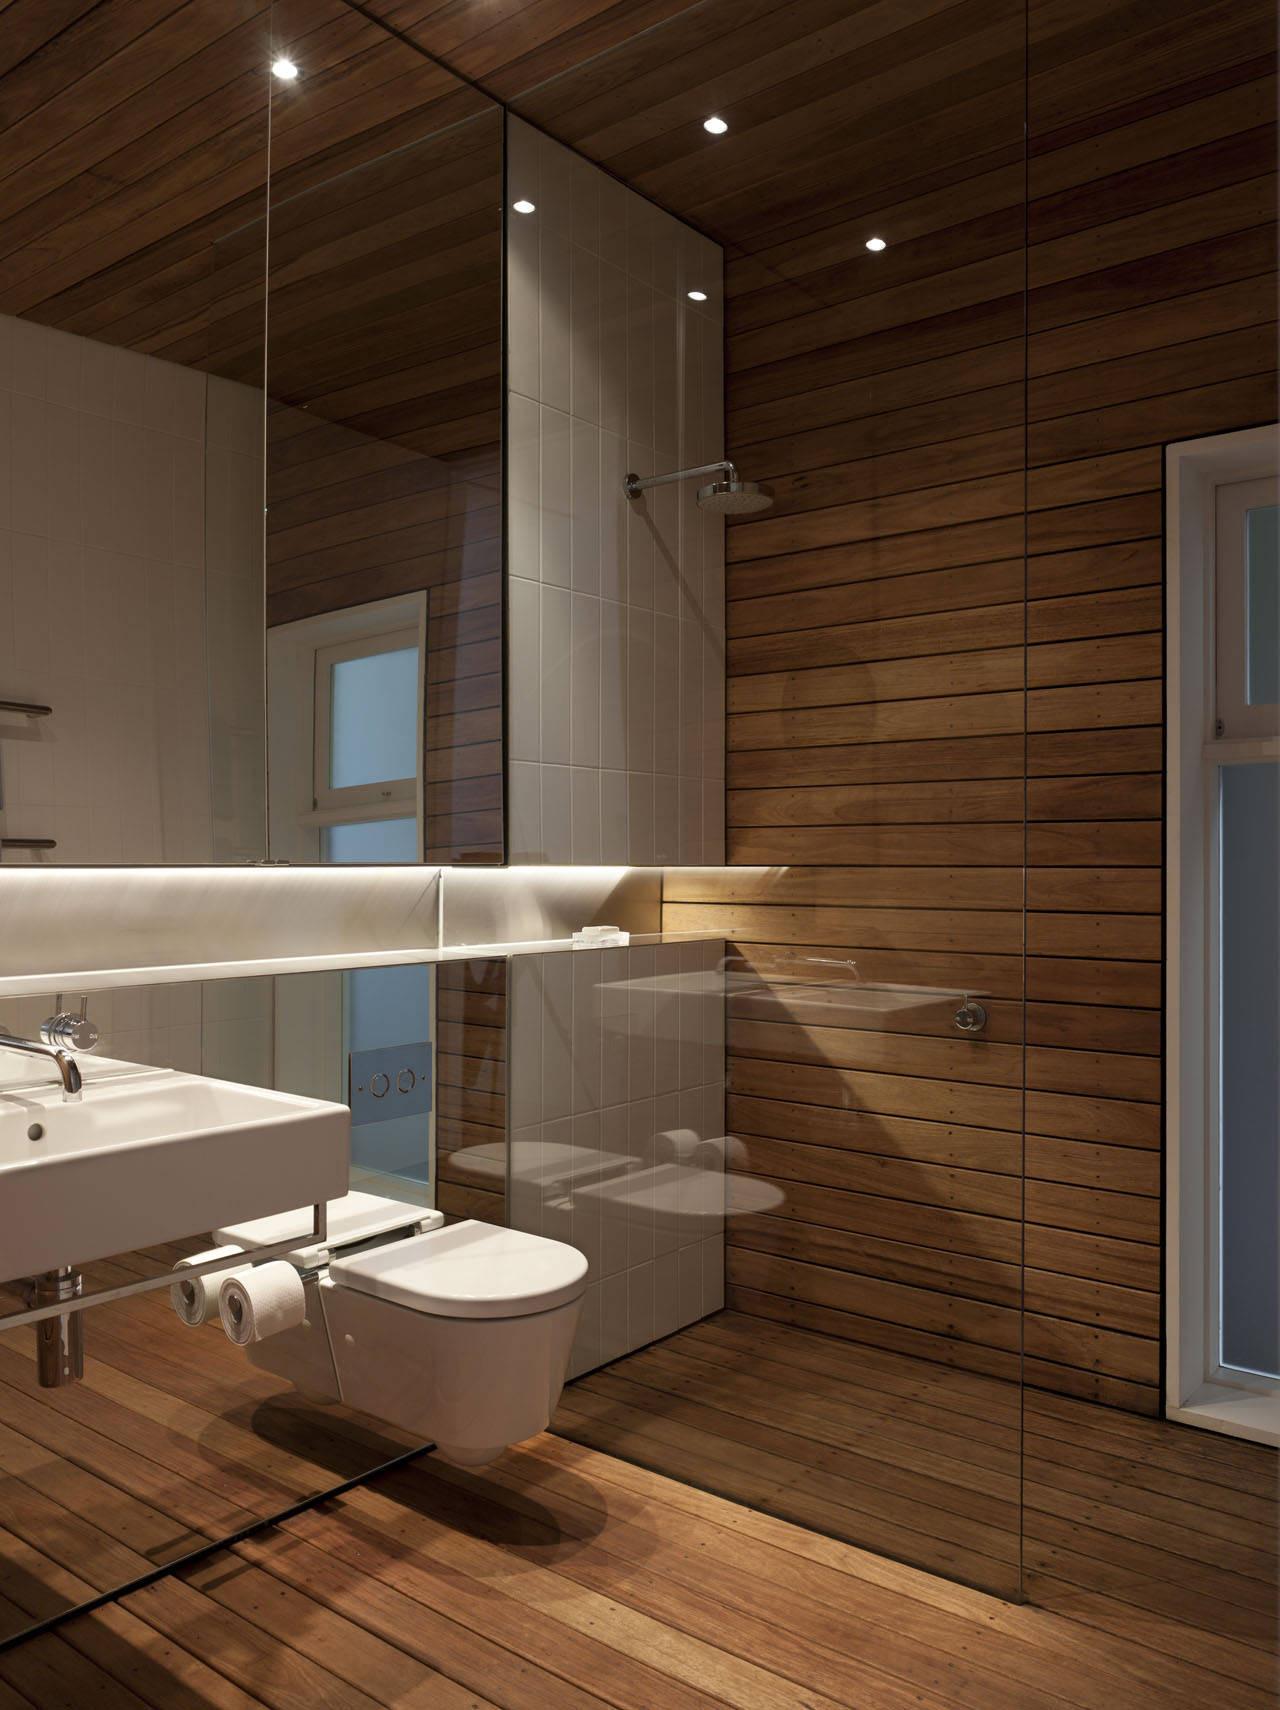 moderne badezimmer inspiration mit holzfußboden und holzwandverkleidung im duschbereich